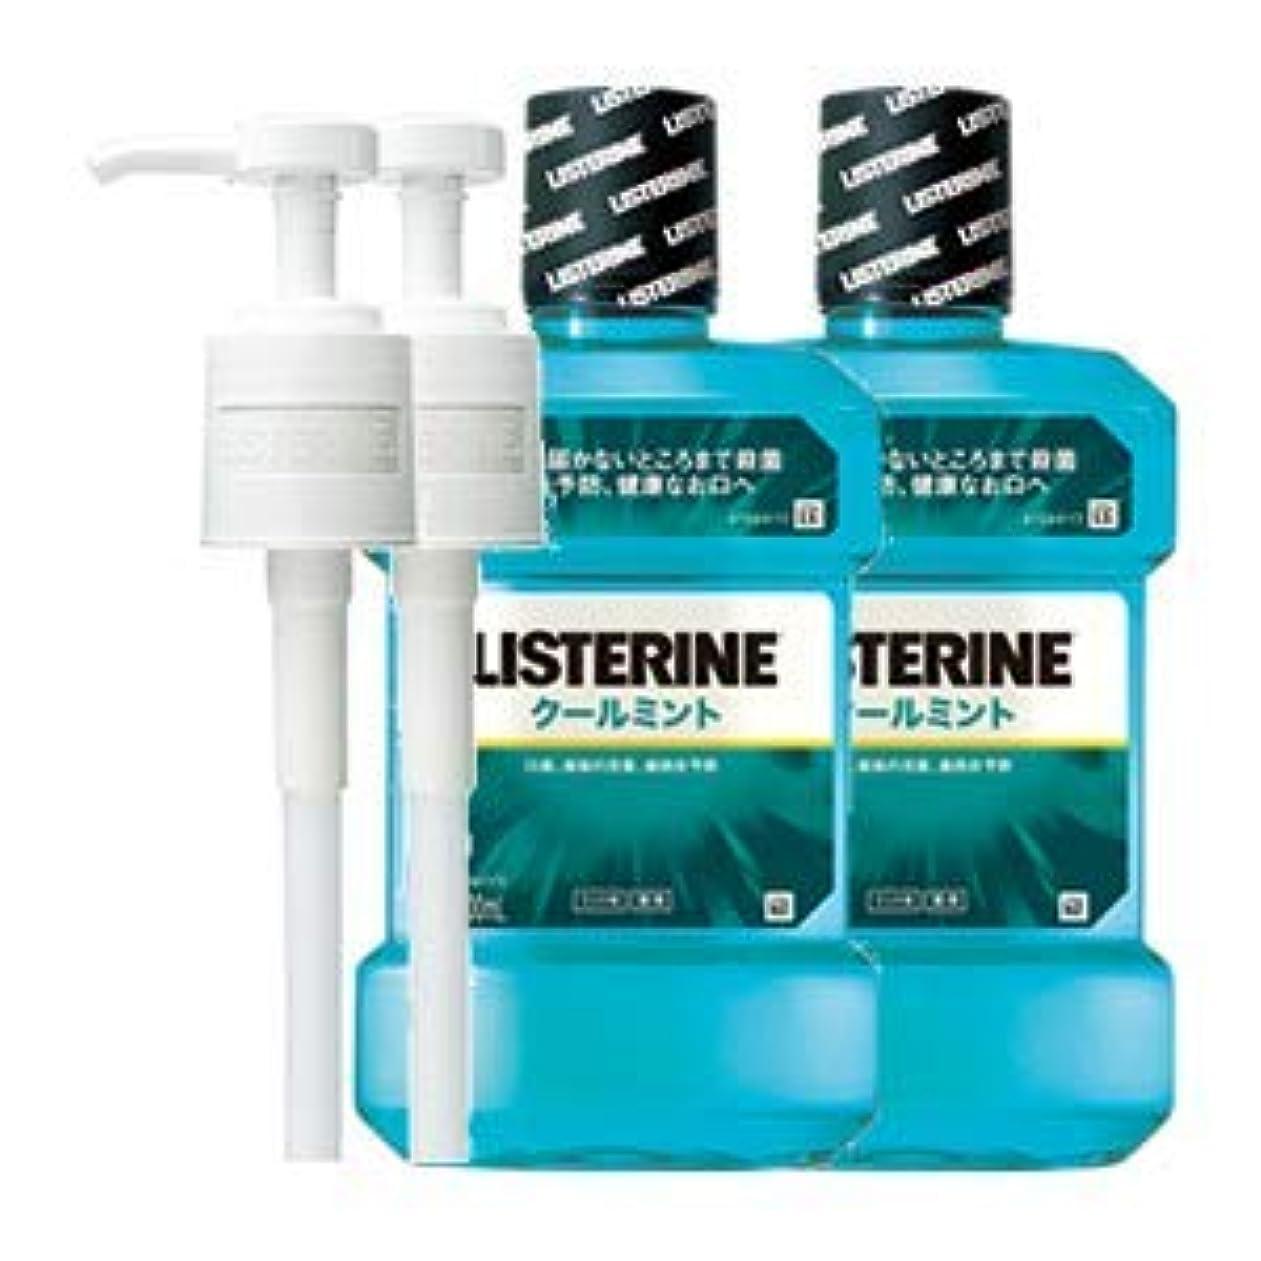 観点注ぎます話薬用リステリン クールミント (マウスウォッシュ/洗口液) 1000mL 2点セット (ポンプ付)